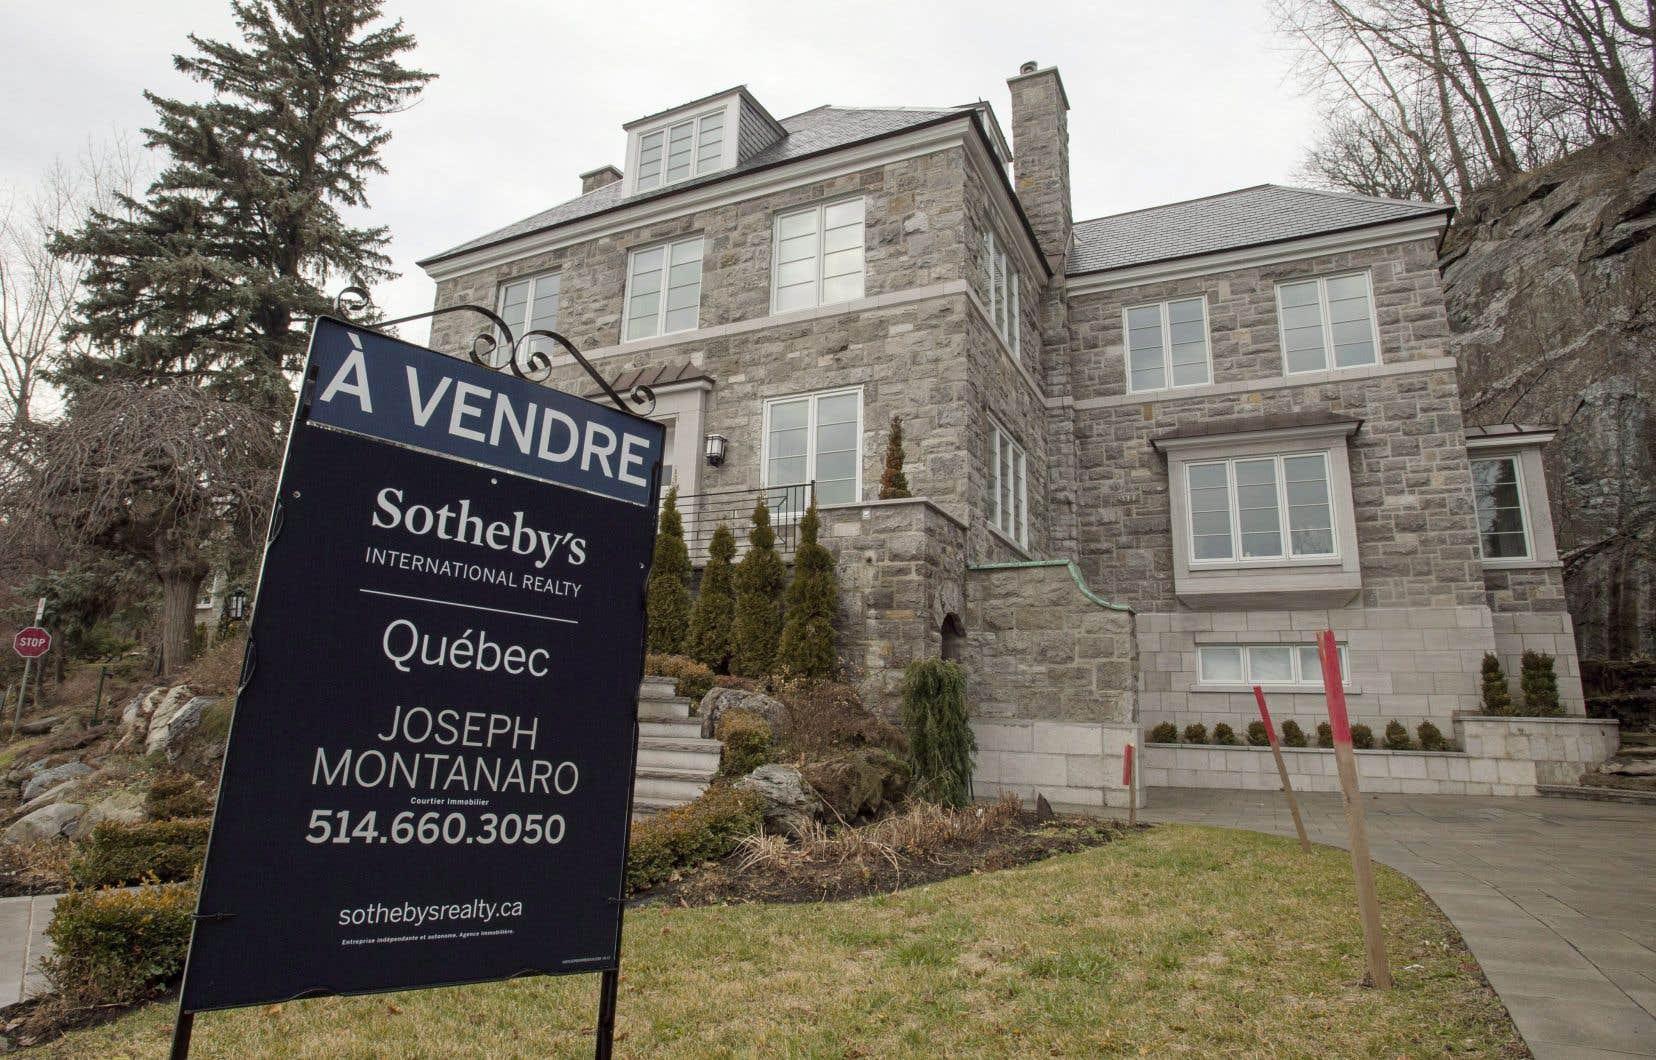 Selon Sotheby's International Realty Canada, le nombre de maisons de 1million et plus vendues l'an dernier a baissé de 26% à Vancouver.